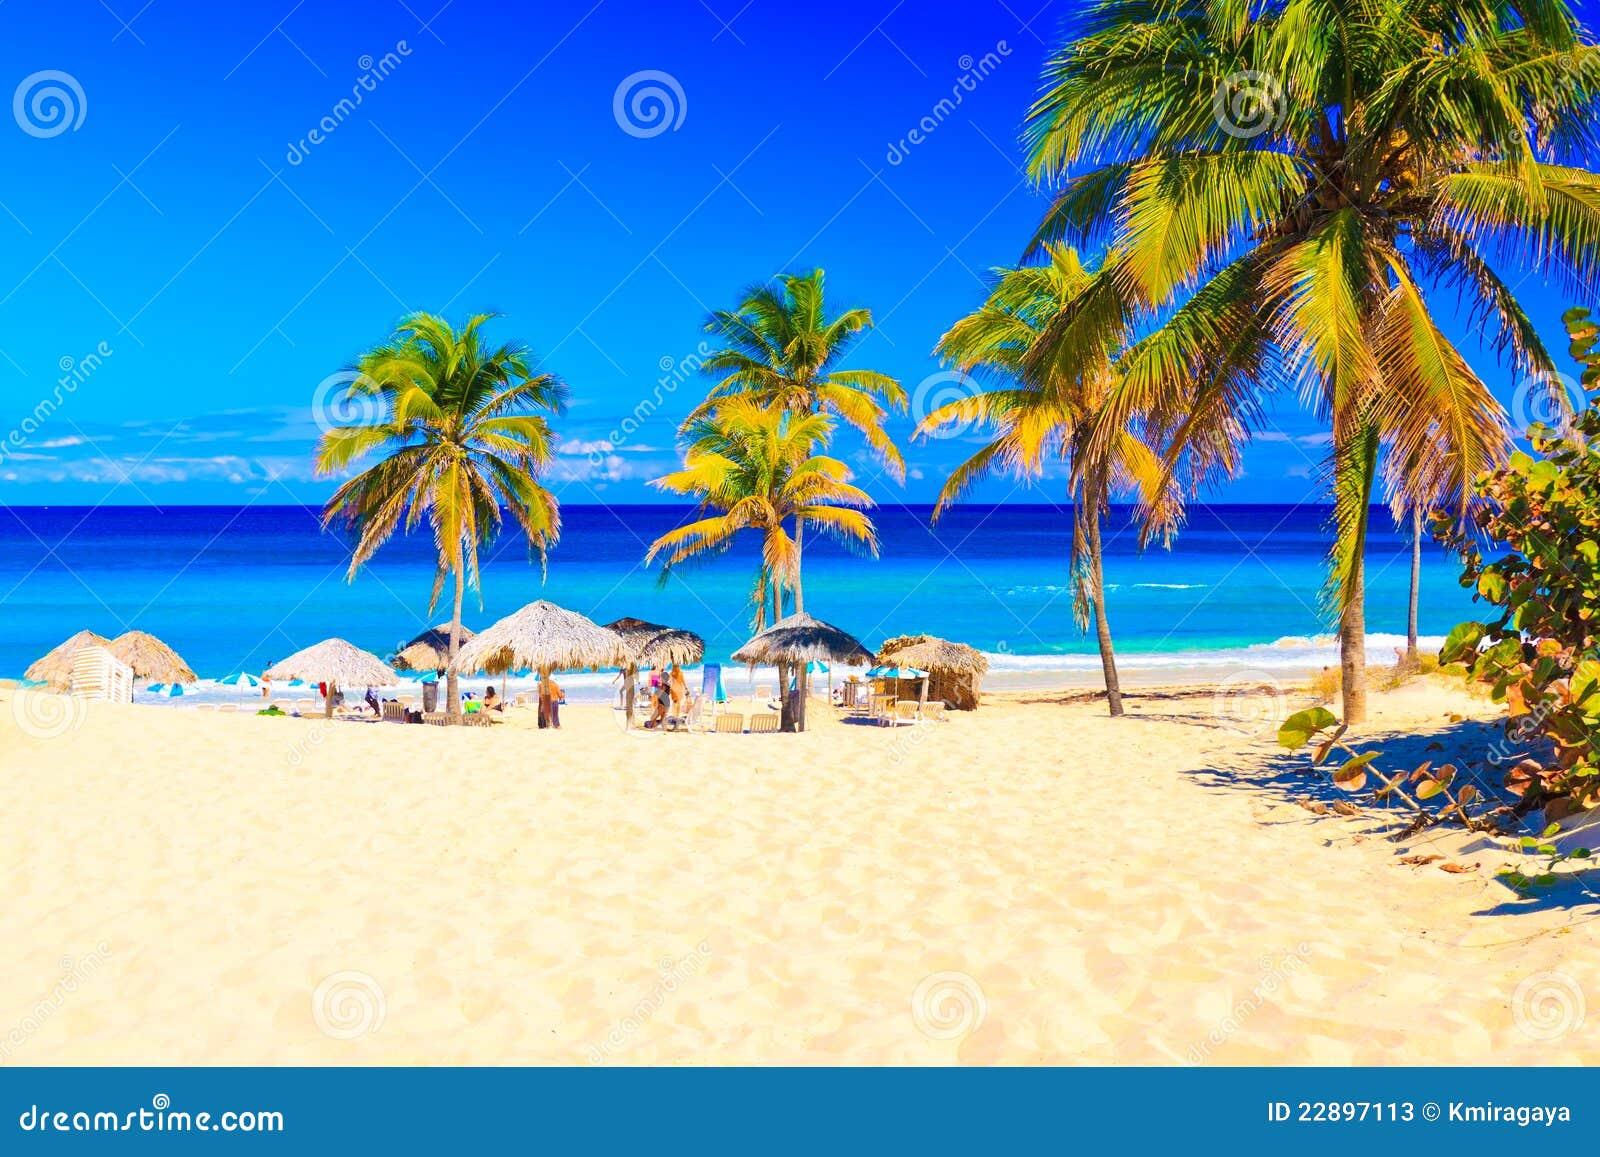 La plage de Varadero au Cuba